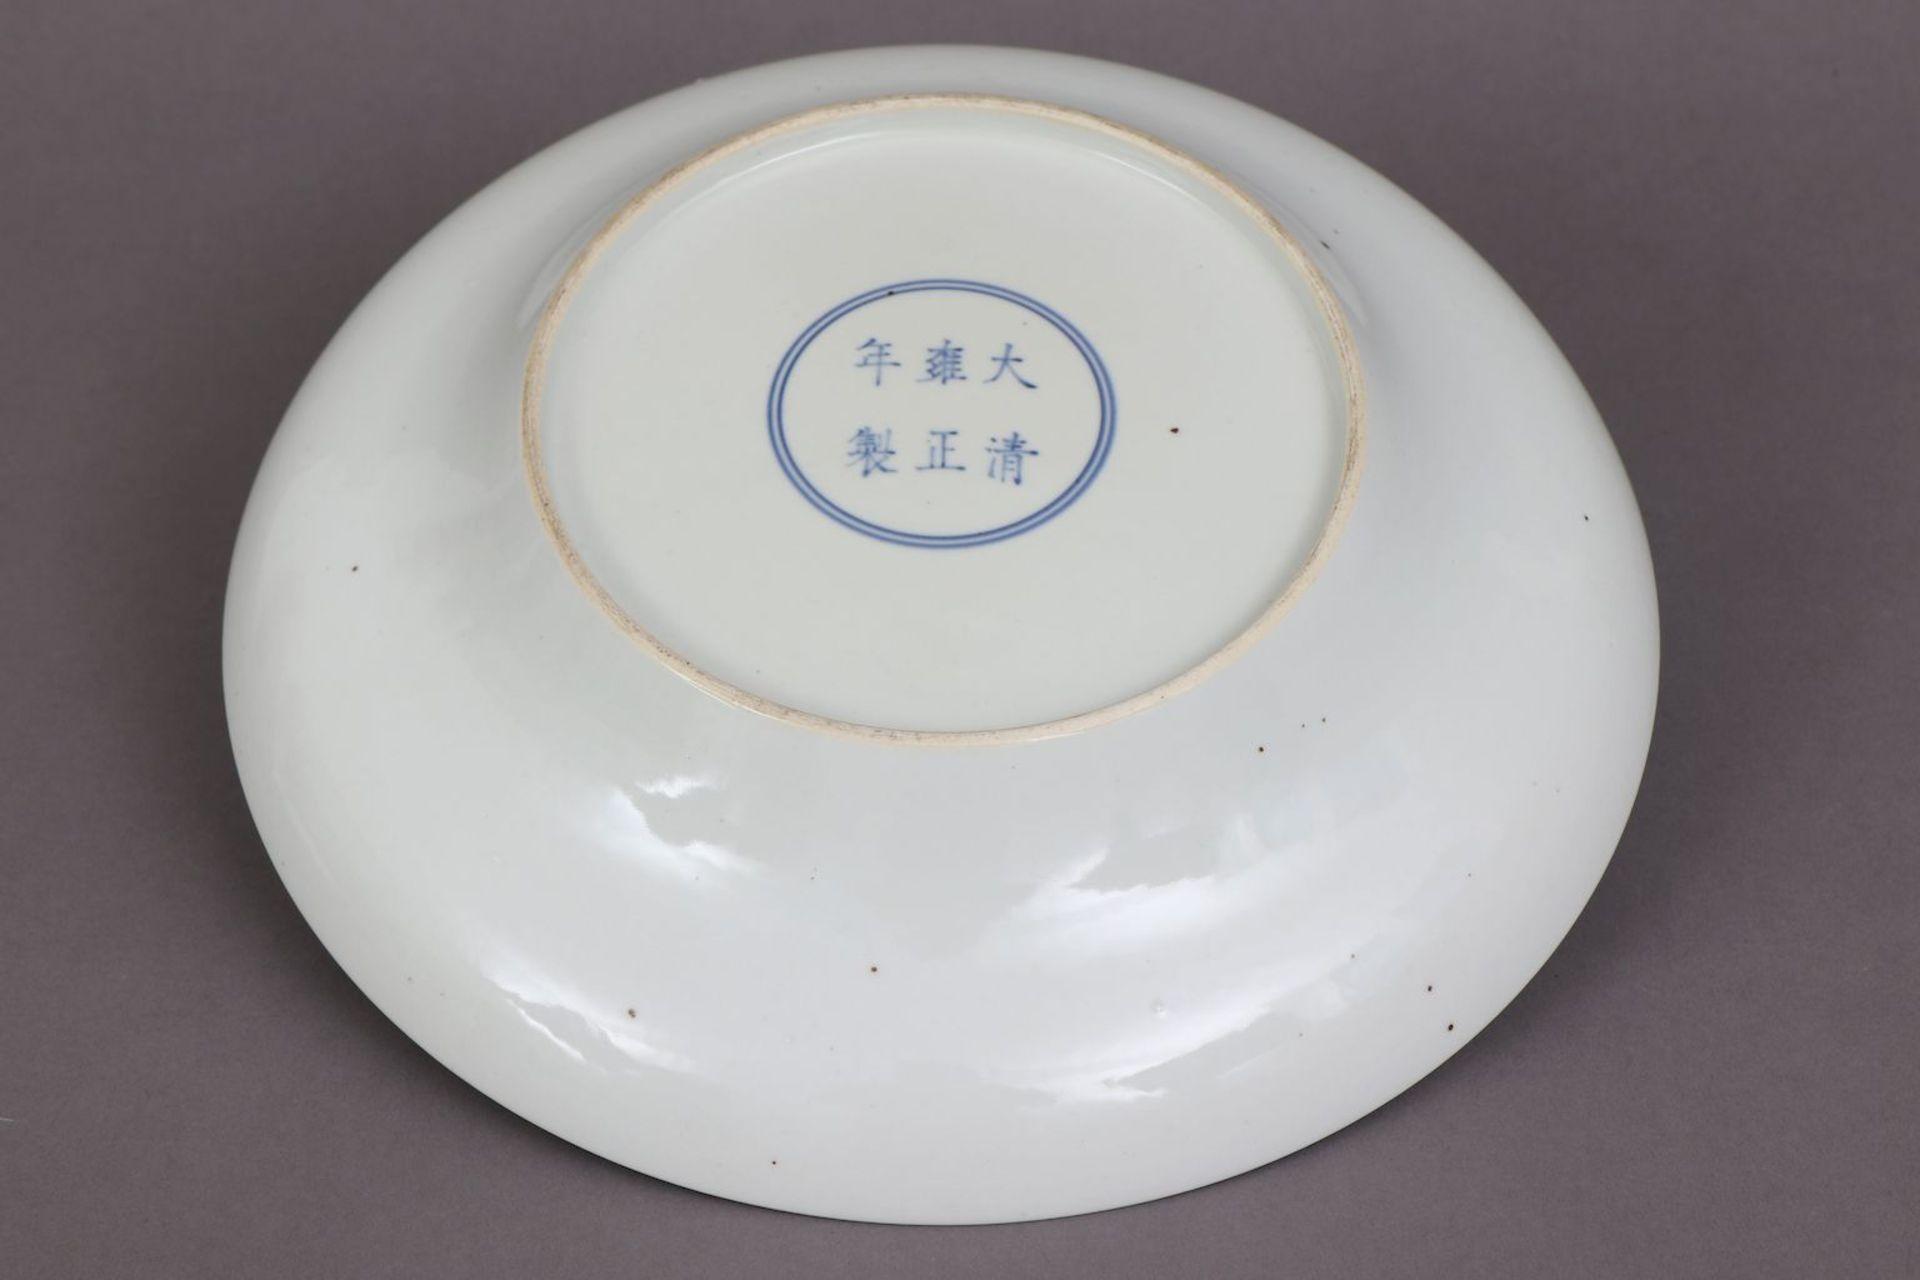 Chinesischer Porzellanteller - Image 4 of 4